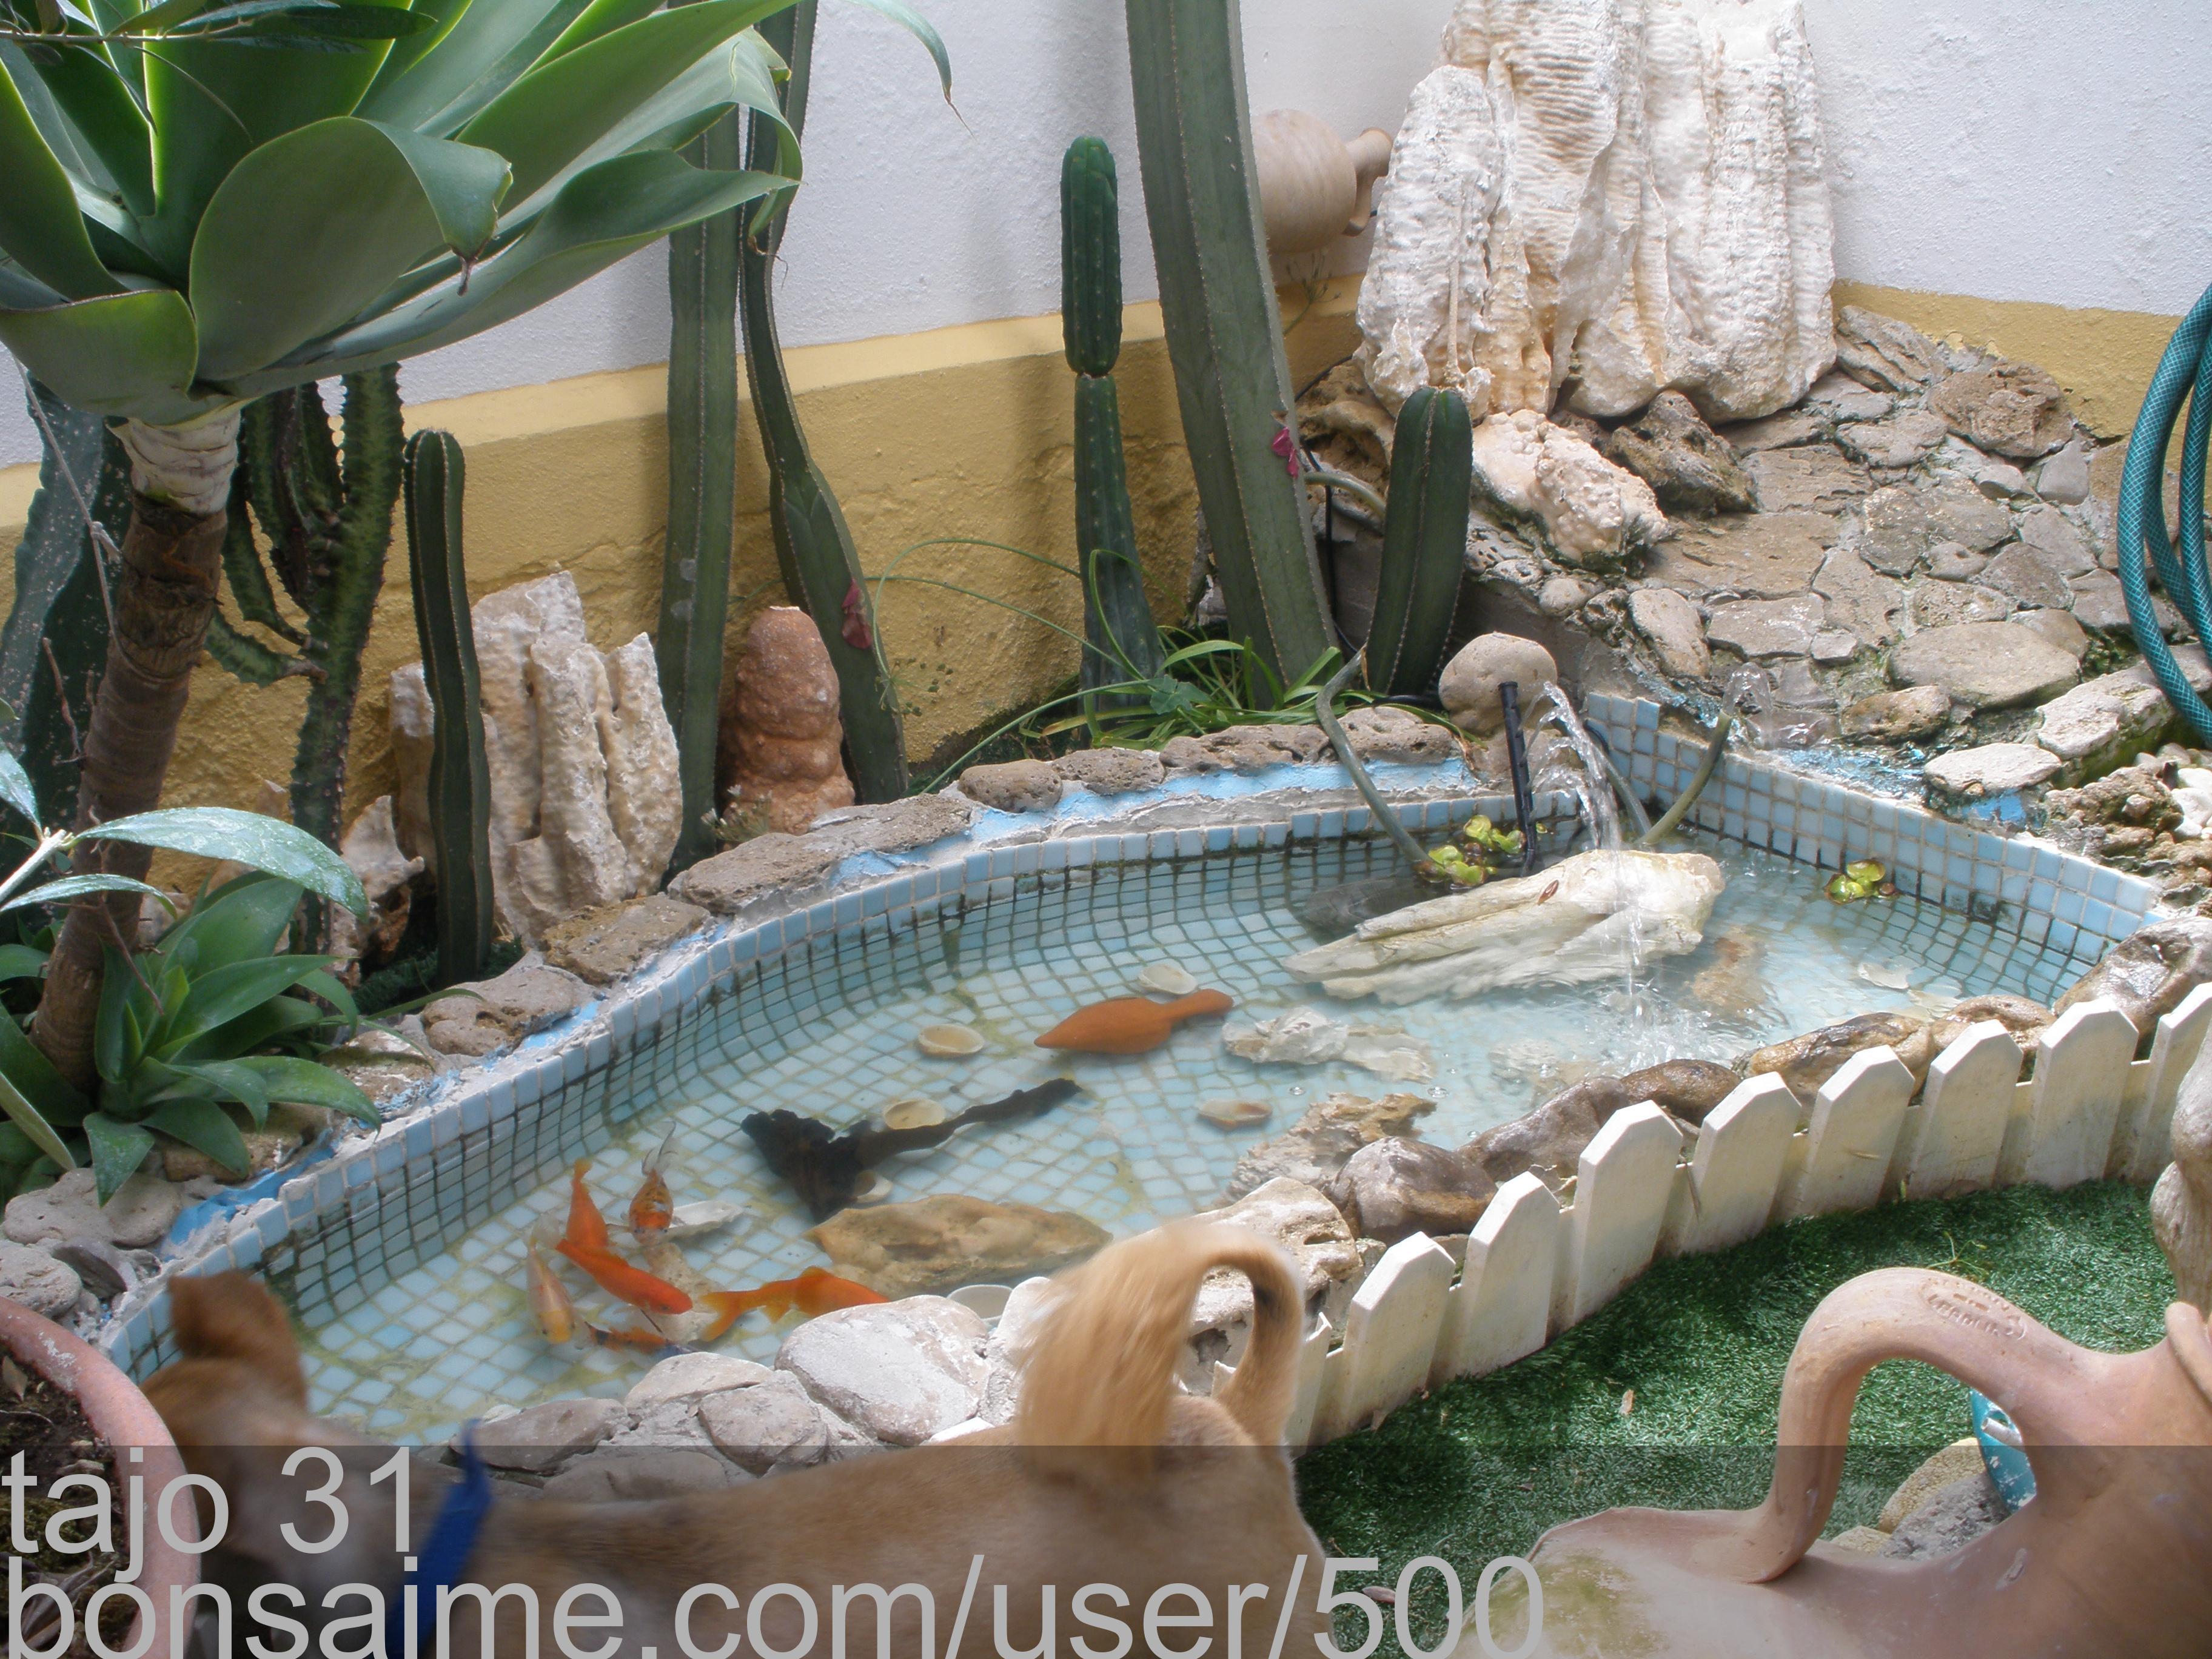 Bonsai estanque con peces y otro trozo del jardin tajo 31 - Estanques en el jardin ...